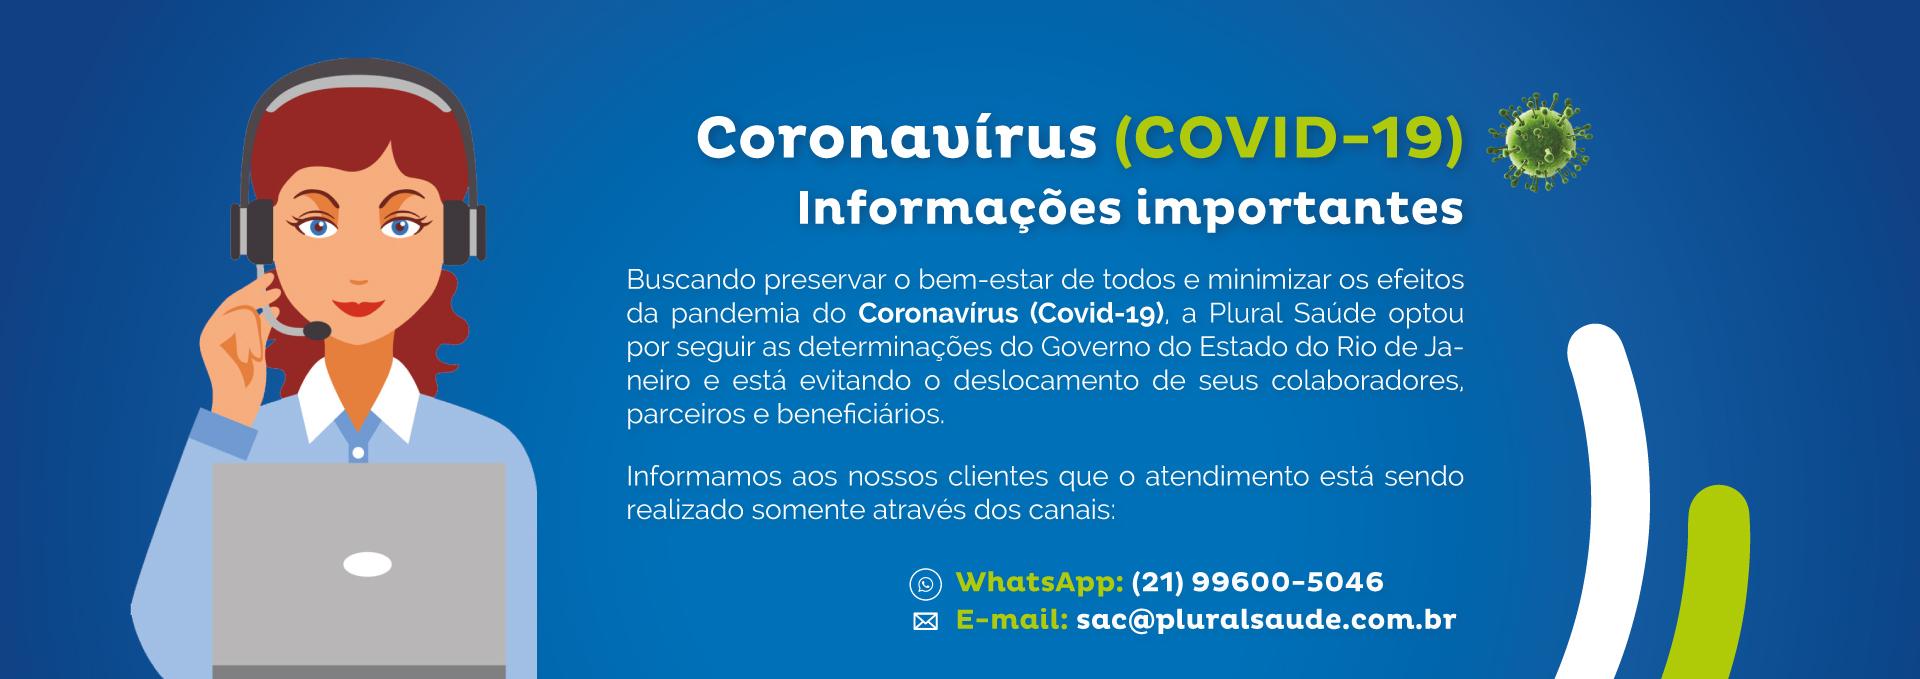 Atendimento Plural - COVID-19